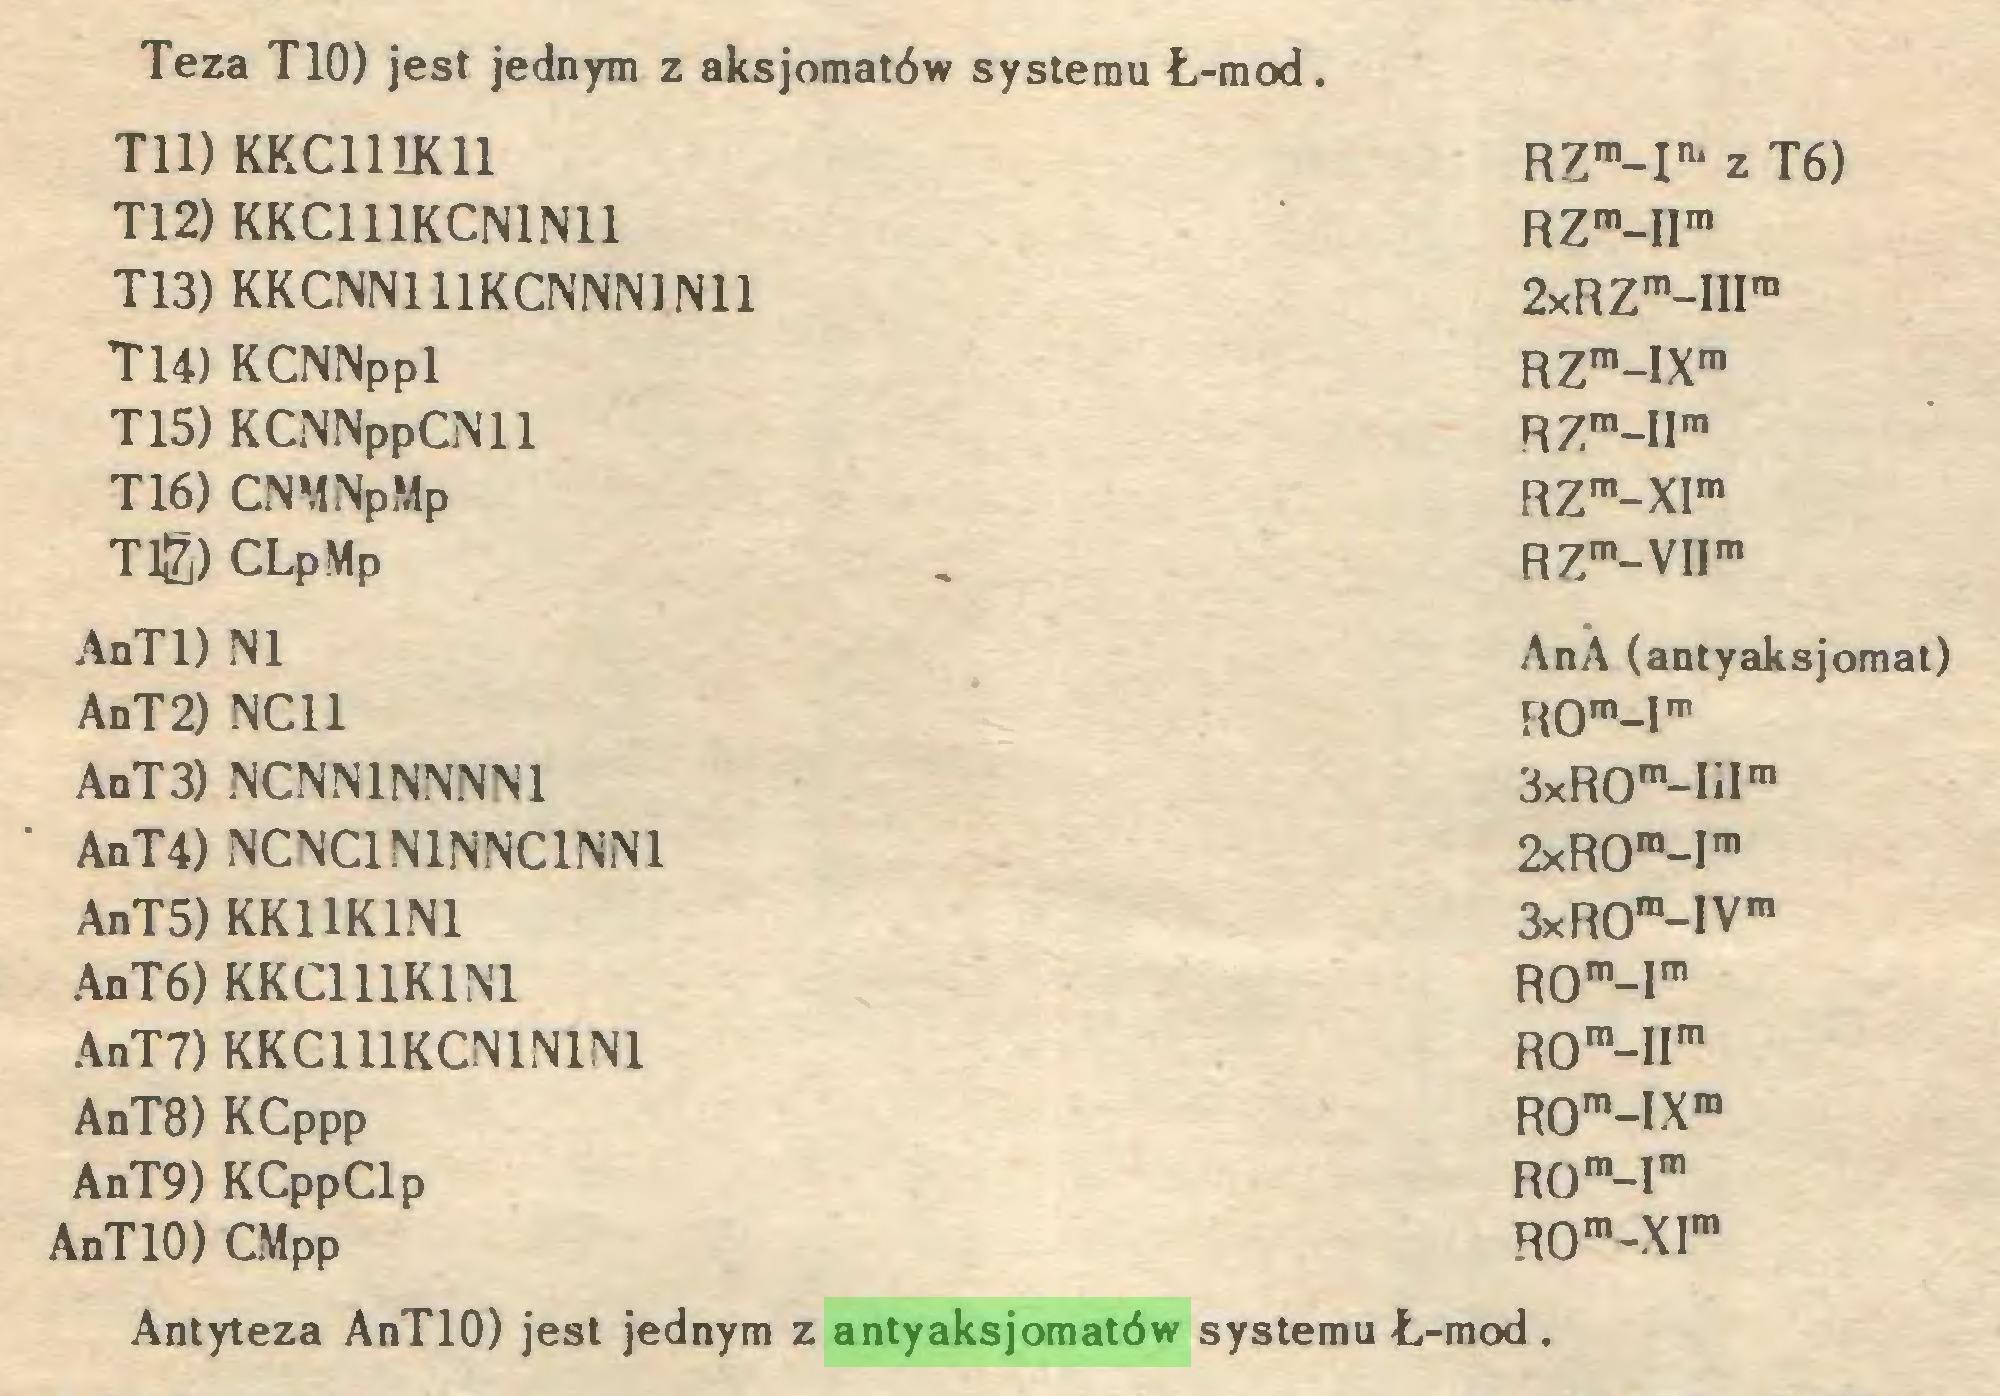 (...) Teza T10) jest jednym z aksjomatów systemu Ł-mod. Tli) KKC111K11 RZm-IIU z T6) Tl2) KKC111KCN1N11 RZm-IIm T13) KKCNN111KCNNN1N11 2xRZm-IIIm T14) KCNNppl RZm-IXm T15) KCNNppCNll R7m_Um T16) CNMNpMp RZm-XIm Tlg) CLpMp RZm-VIIm AnTl) NI AnA (antyaksjomat) AnT2) NC11 ROm-lm AnT3) NCNN1NNNN1 3xR0m-I*lm AnT4) NCNC1N1NNC1NN1 2xR0m-Im AnT5) KK11K1N1 3xR0ra-lVm AnT6) KKC111K1N1 ROm-Im AnT7) KKC111KCN1N1N1 ROra-Hm AnT8) KCppp ROm-IXra AnT9) KCppClp Rom-r AnTlO) CMpp ROm-XIm Antyteza AnTlO) jest jednym z antyaksjomatów systemu Ł- ■mod...